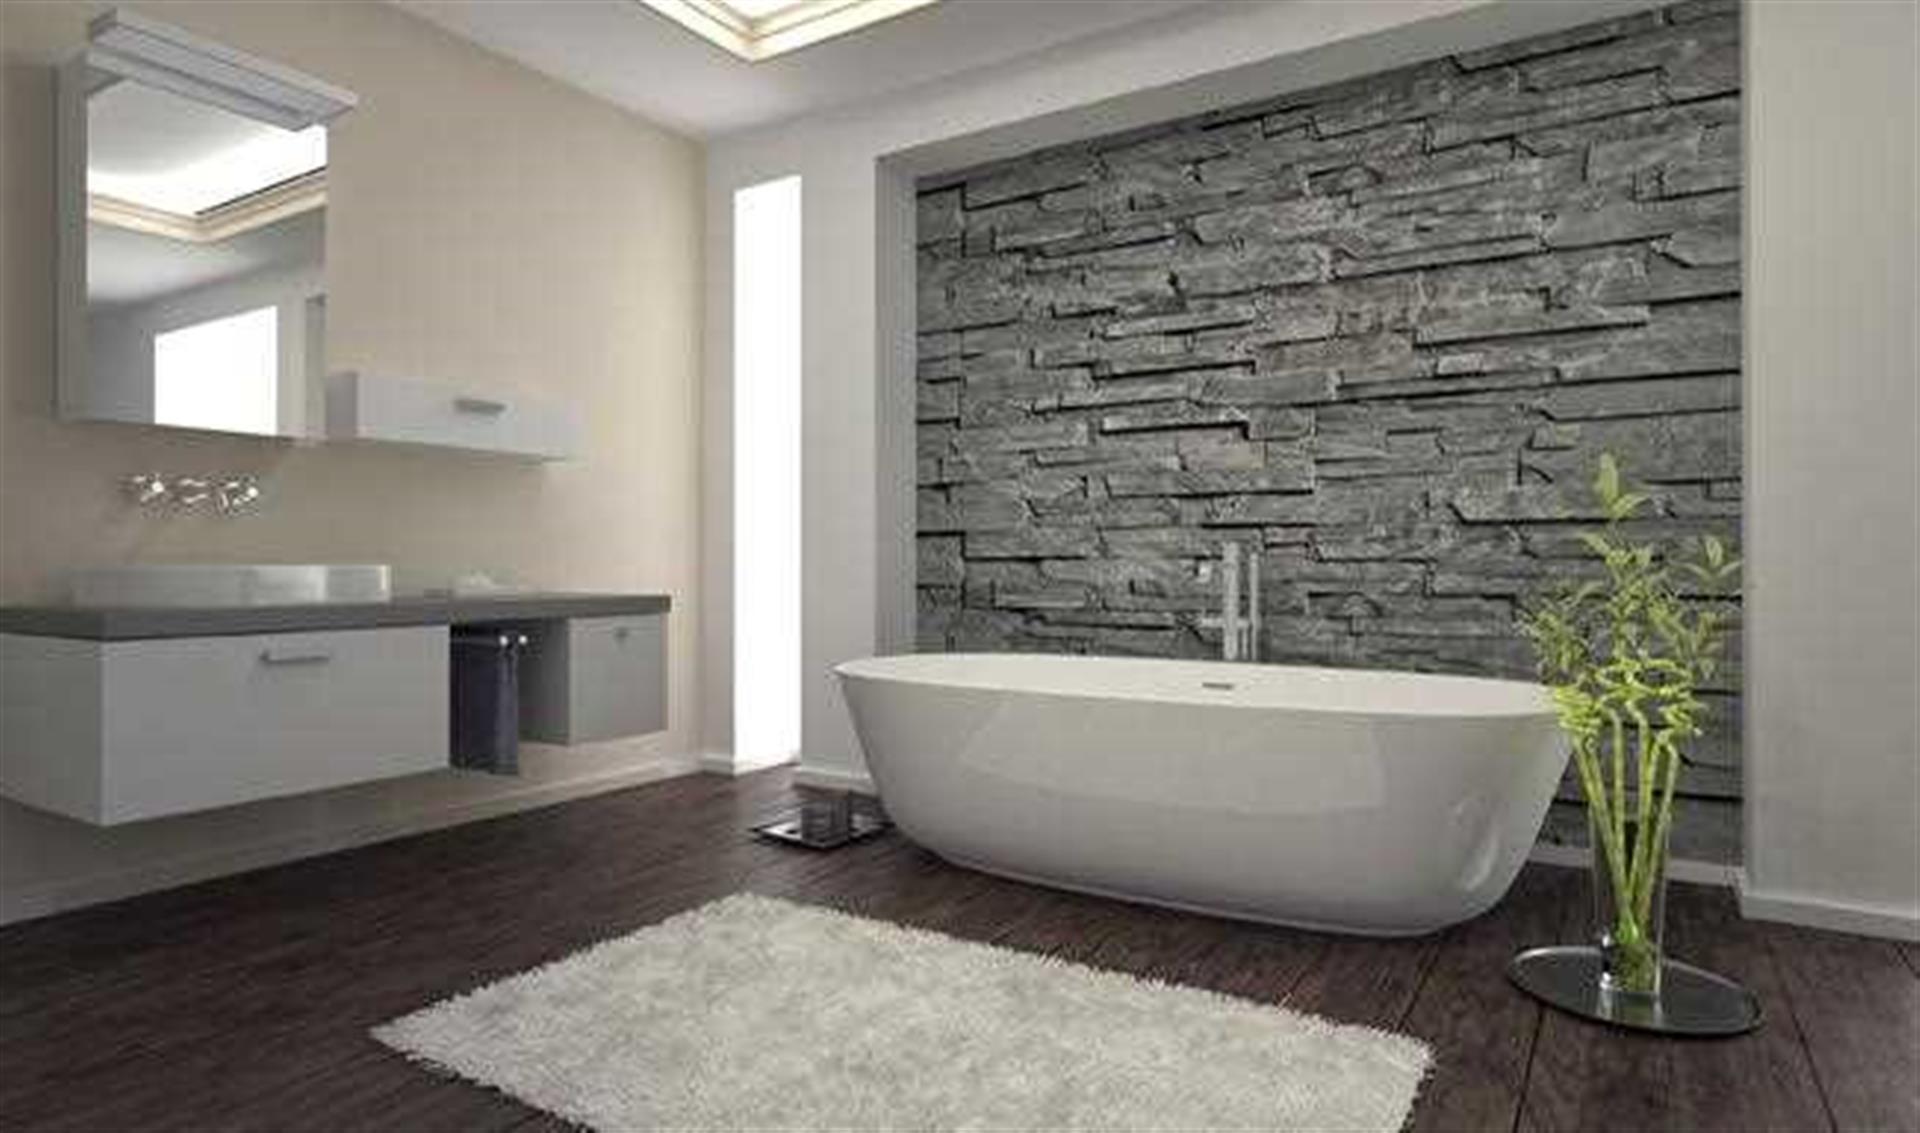 5 Bedroom Detached House For Sale - Bathroom Image